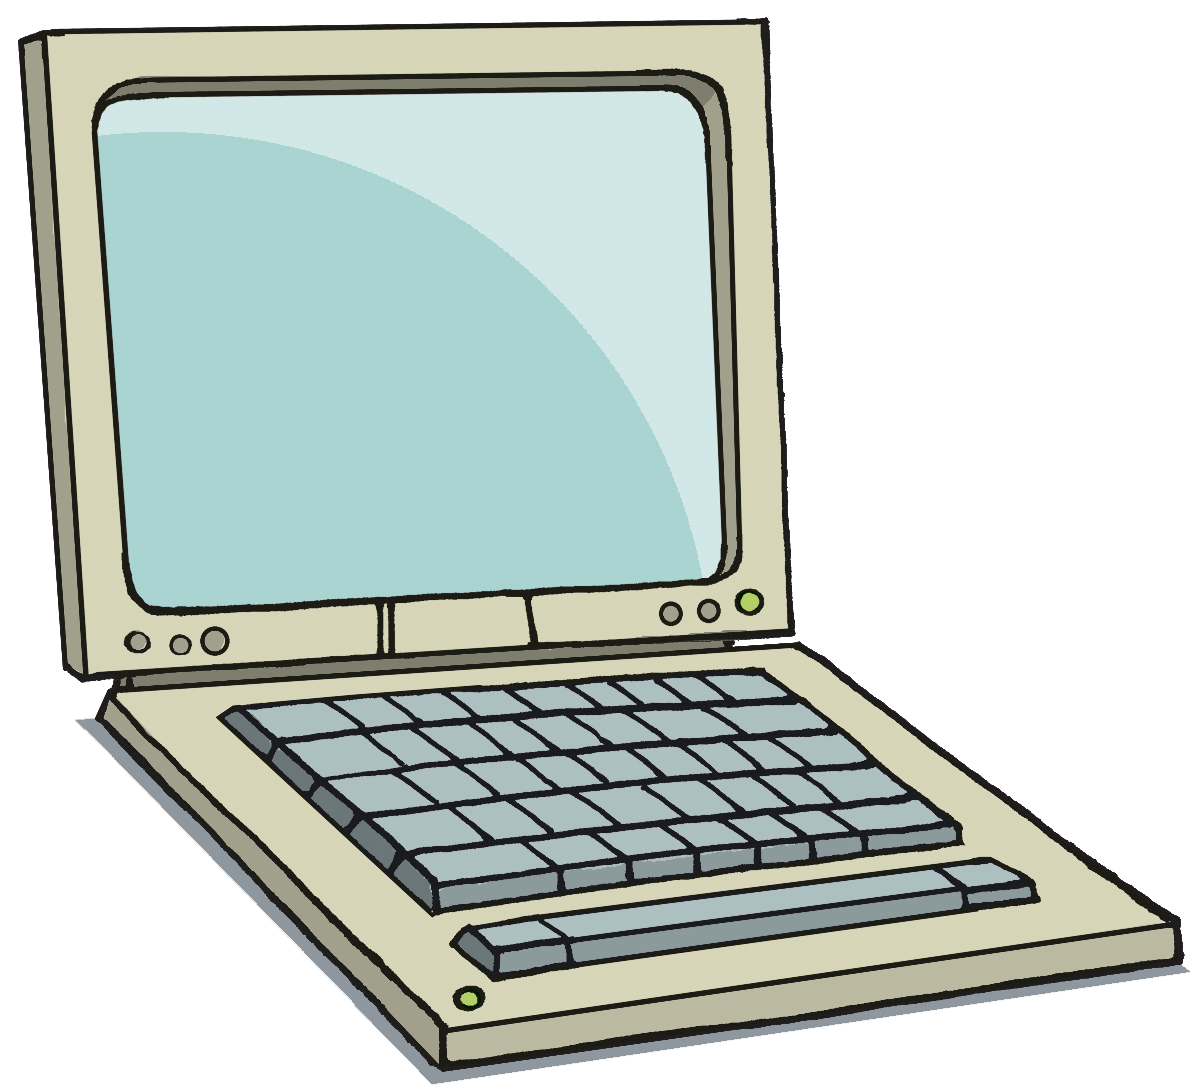 Technology clipart kid. Laptop clipartix